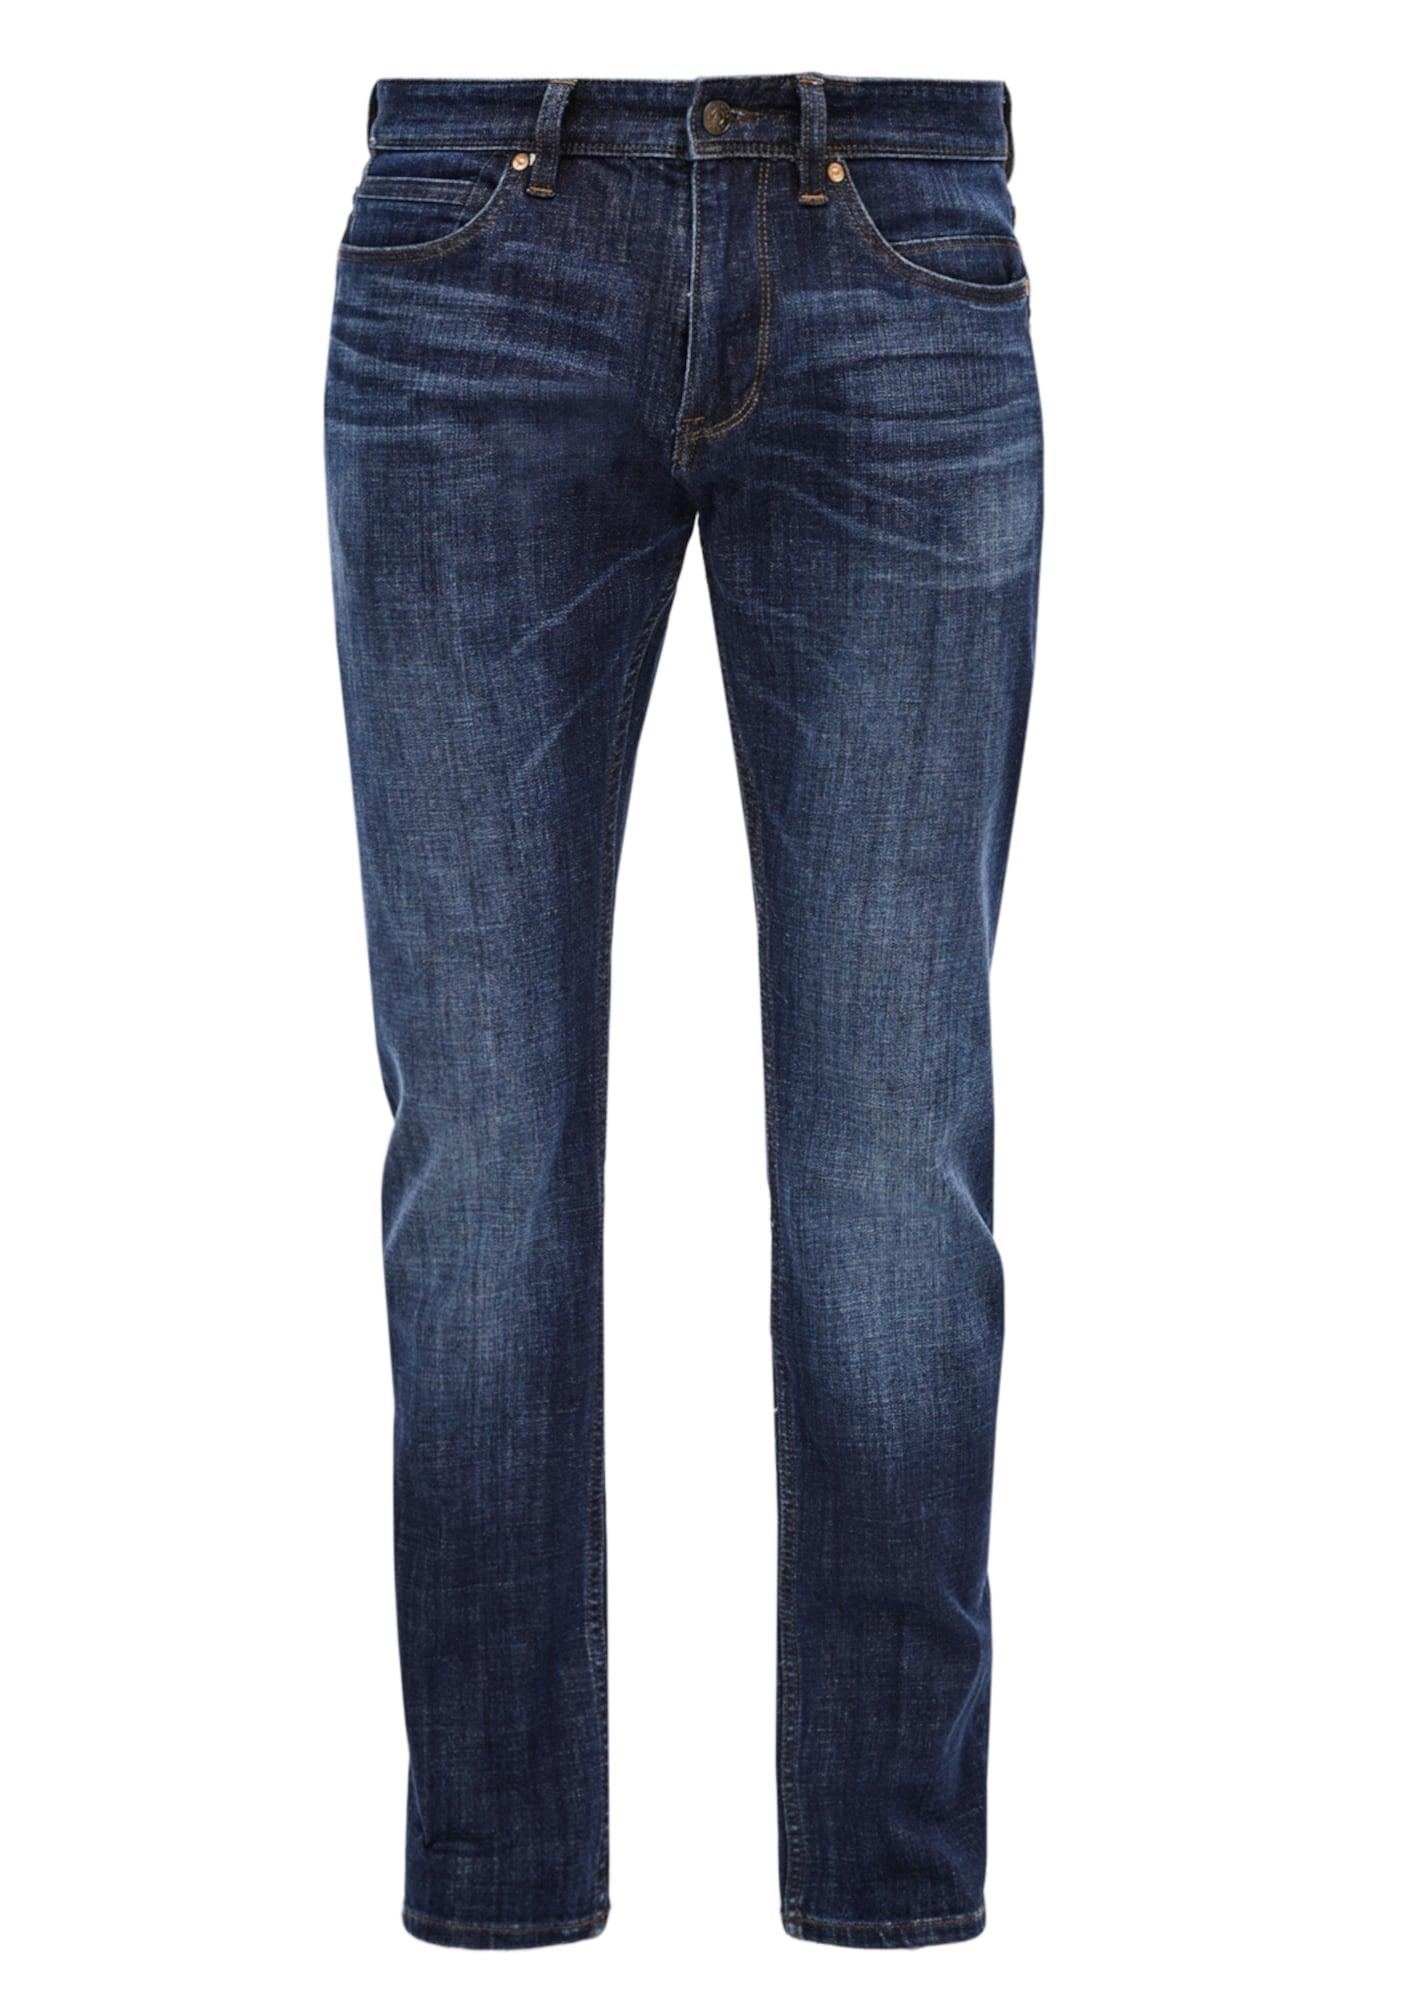 Herren S.Oliver Jeans blau, rot, schwarz   04062033426796